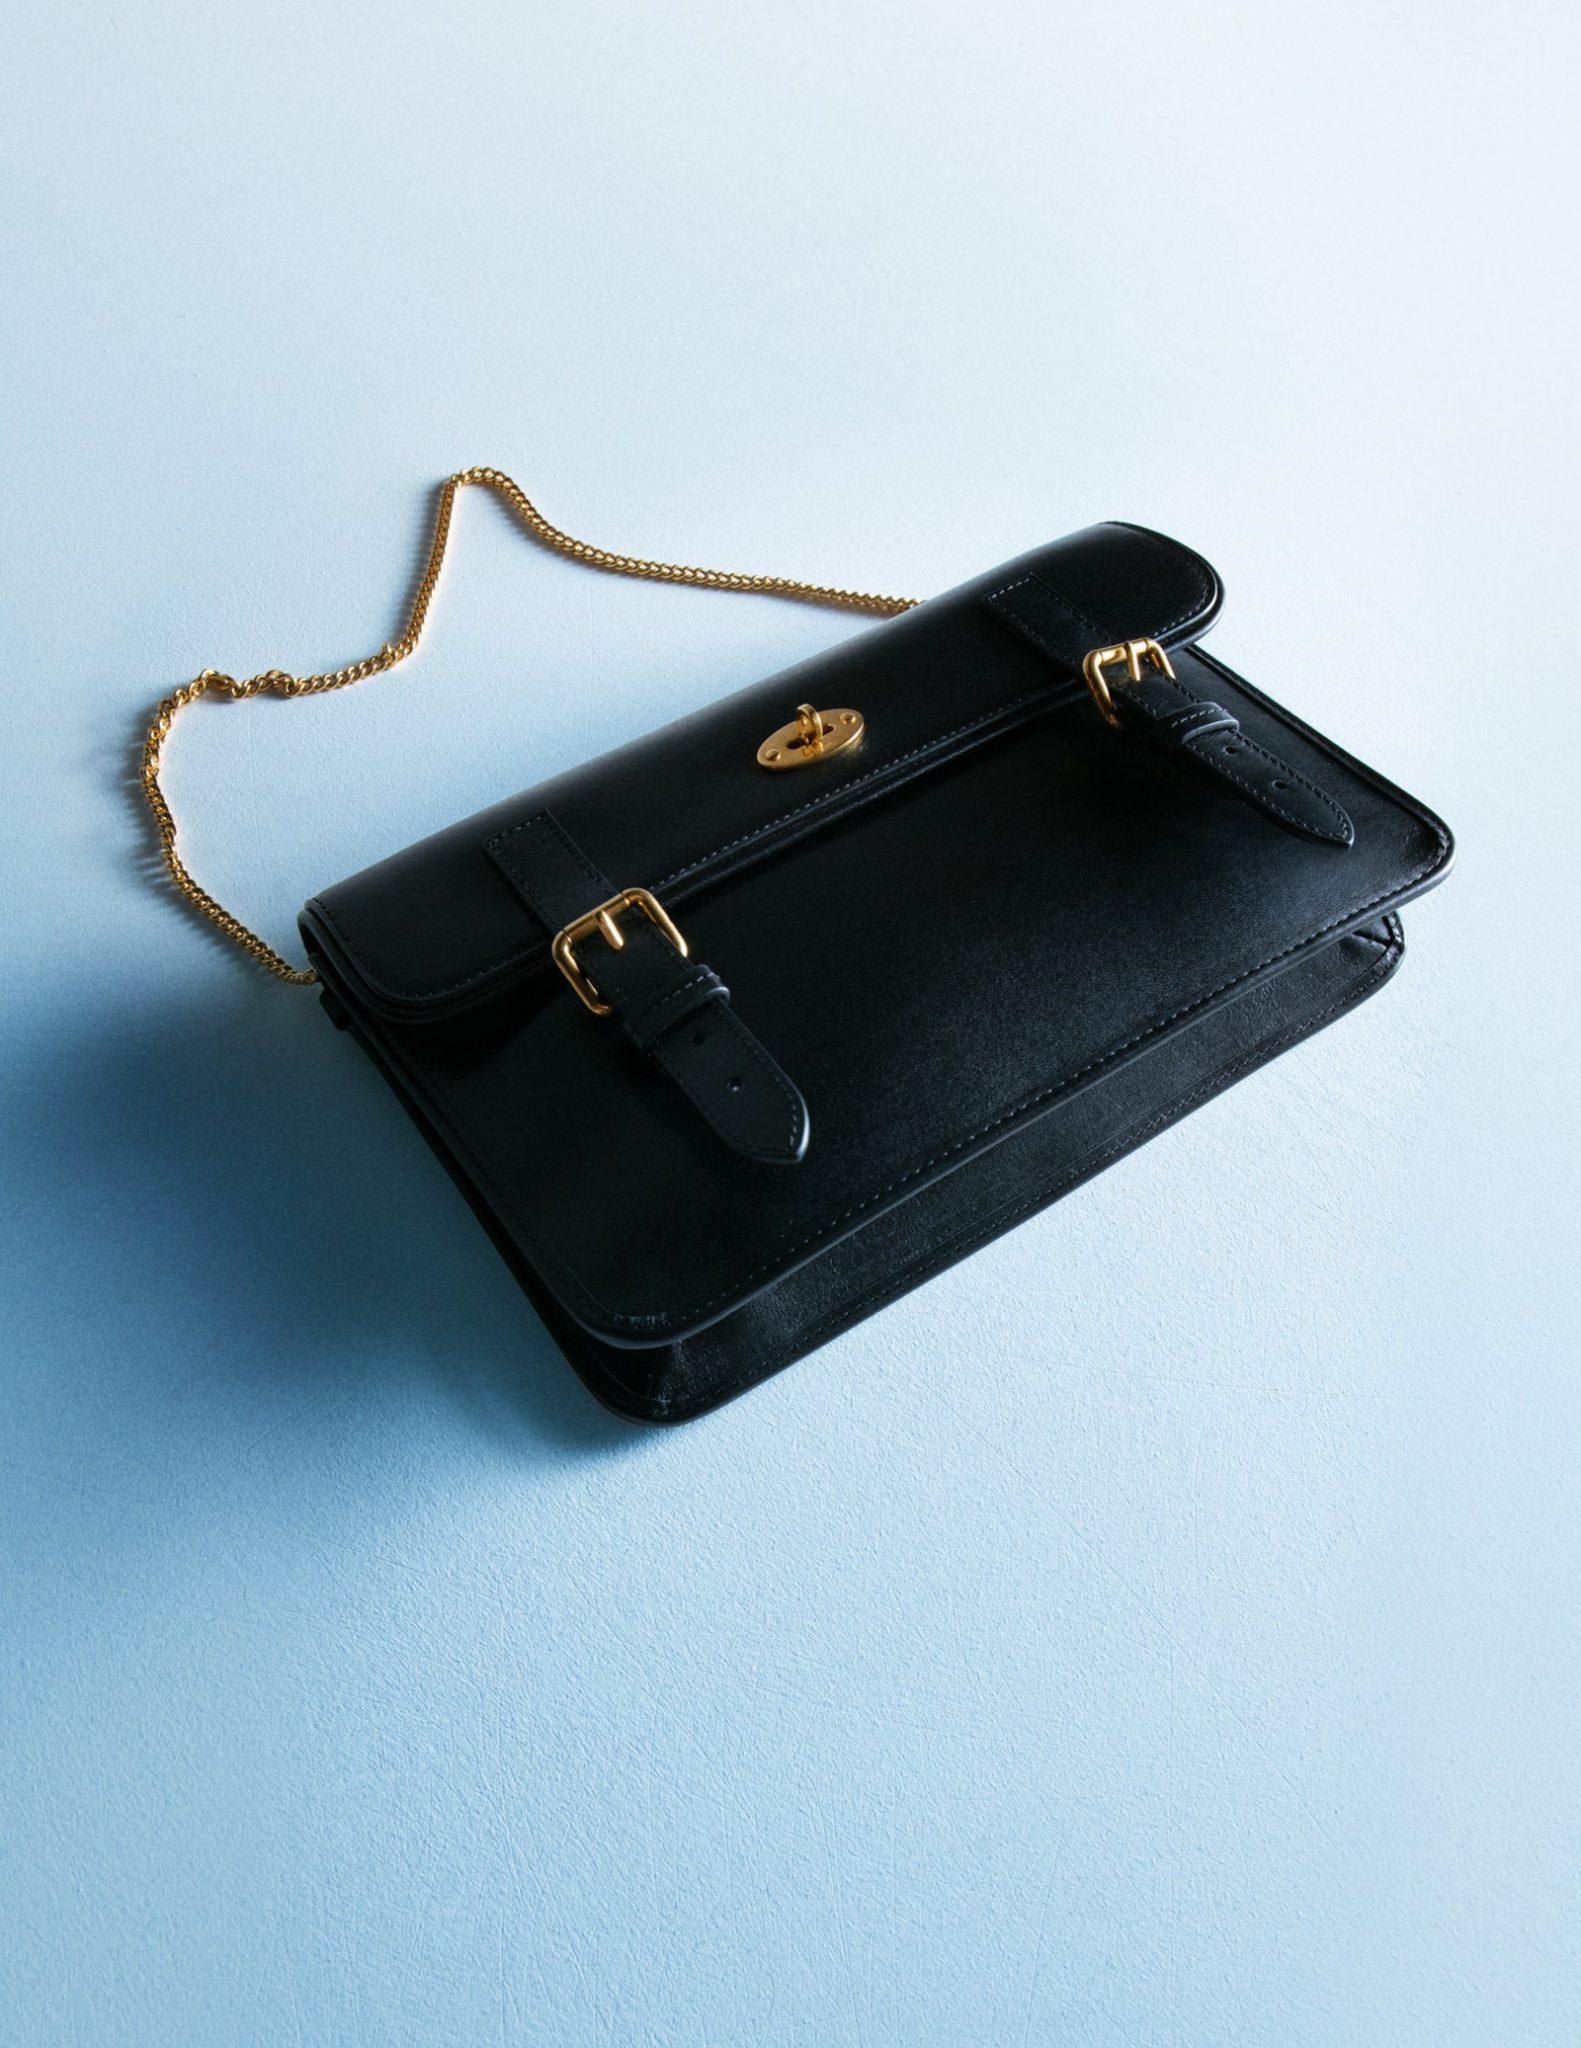 Mulberry en Alexa Chung brengen een collectie handtassen uit - 4